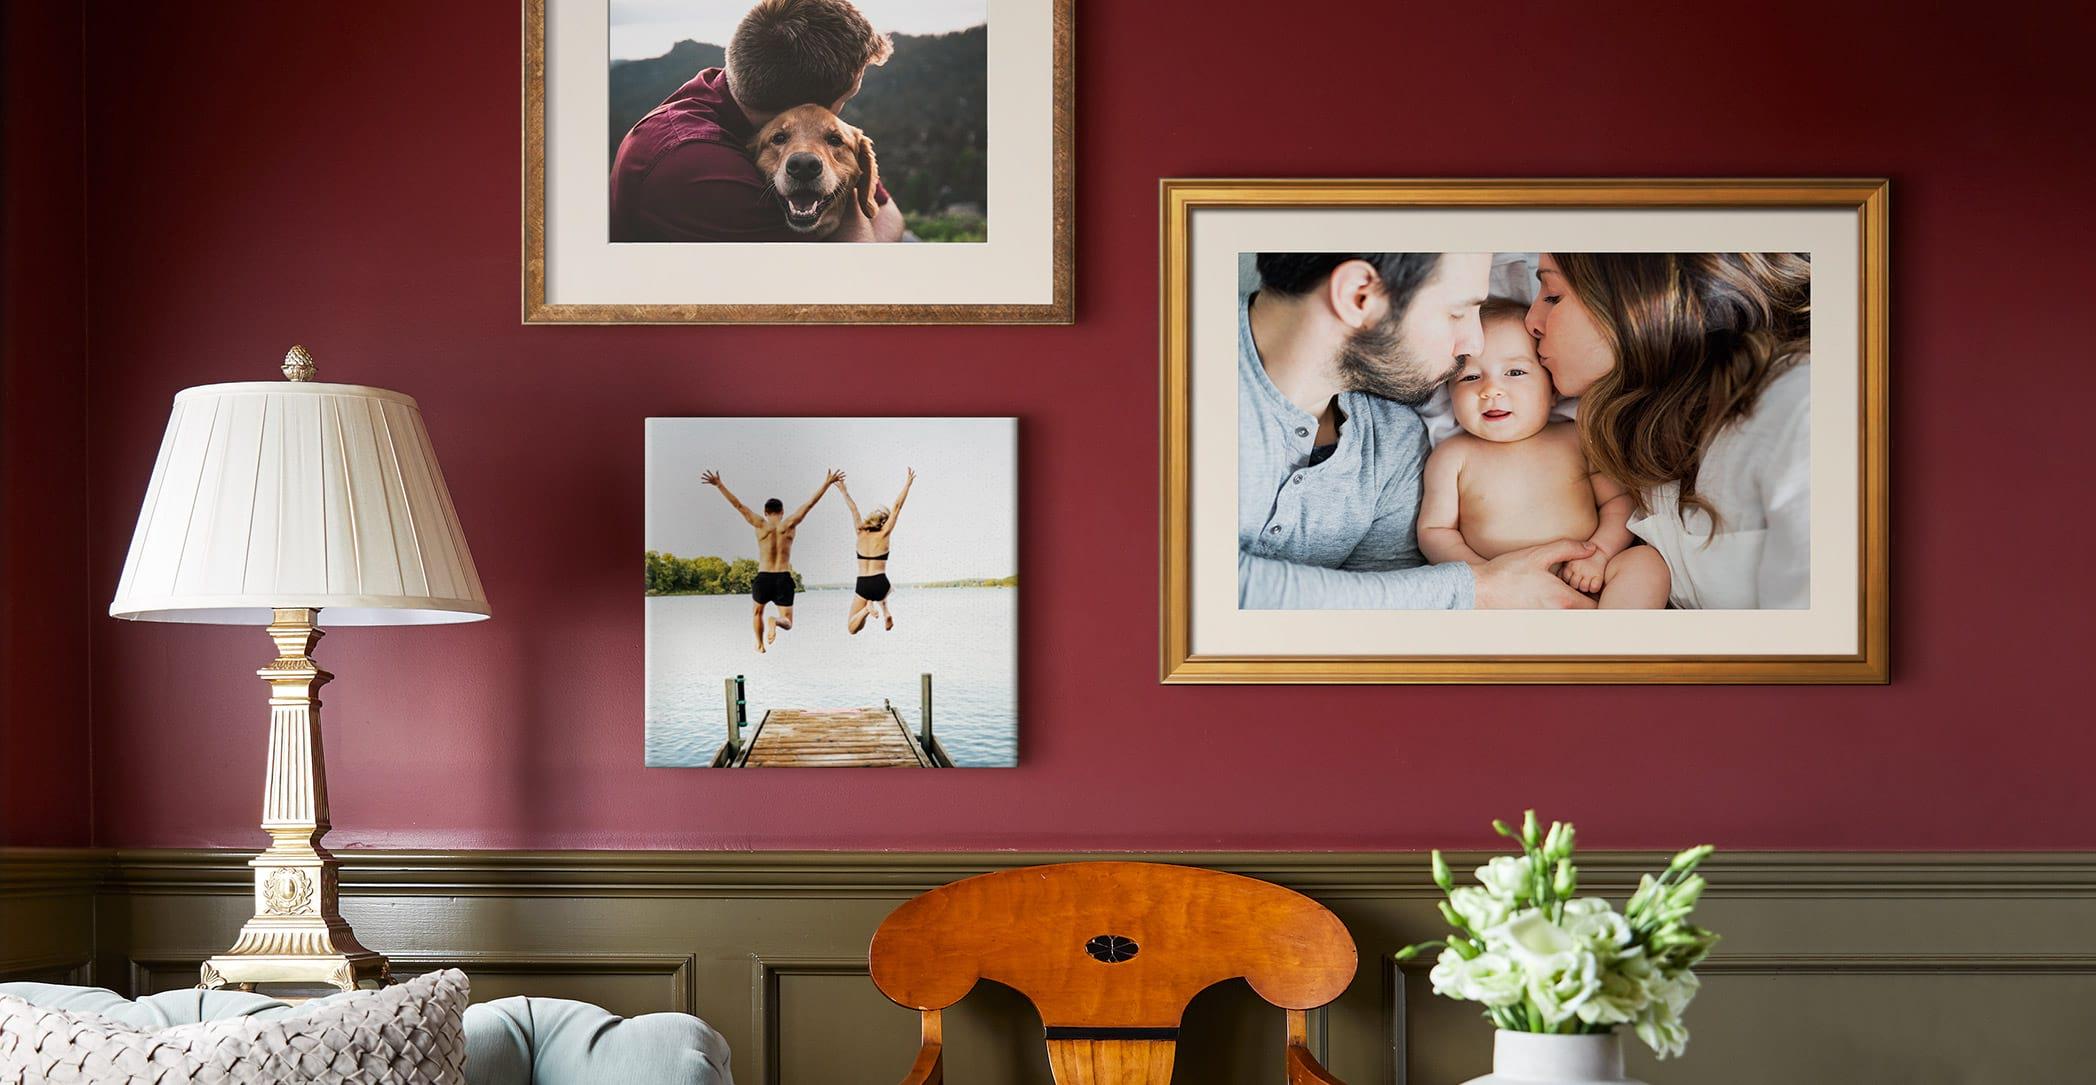 Art Com Art Prints Framed Art Home Accessories And Wall Art Ideas